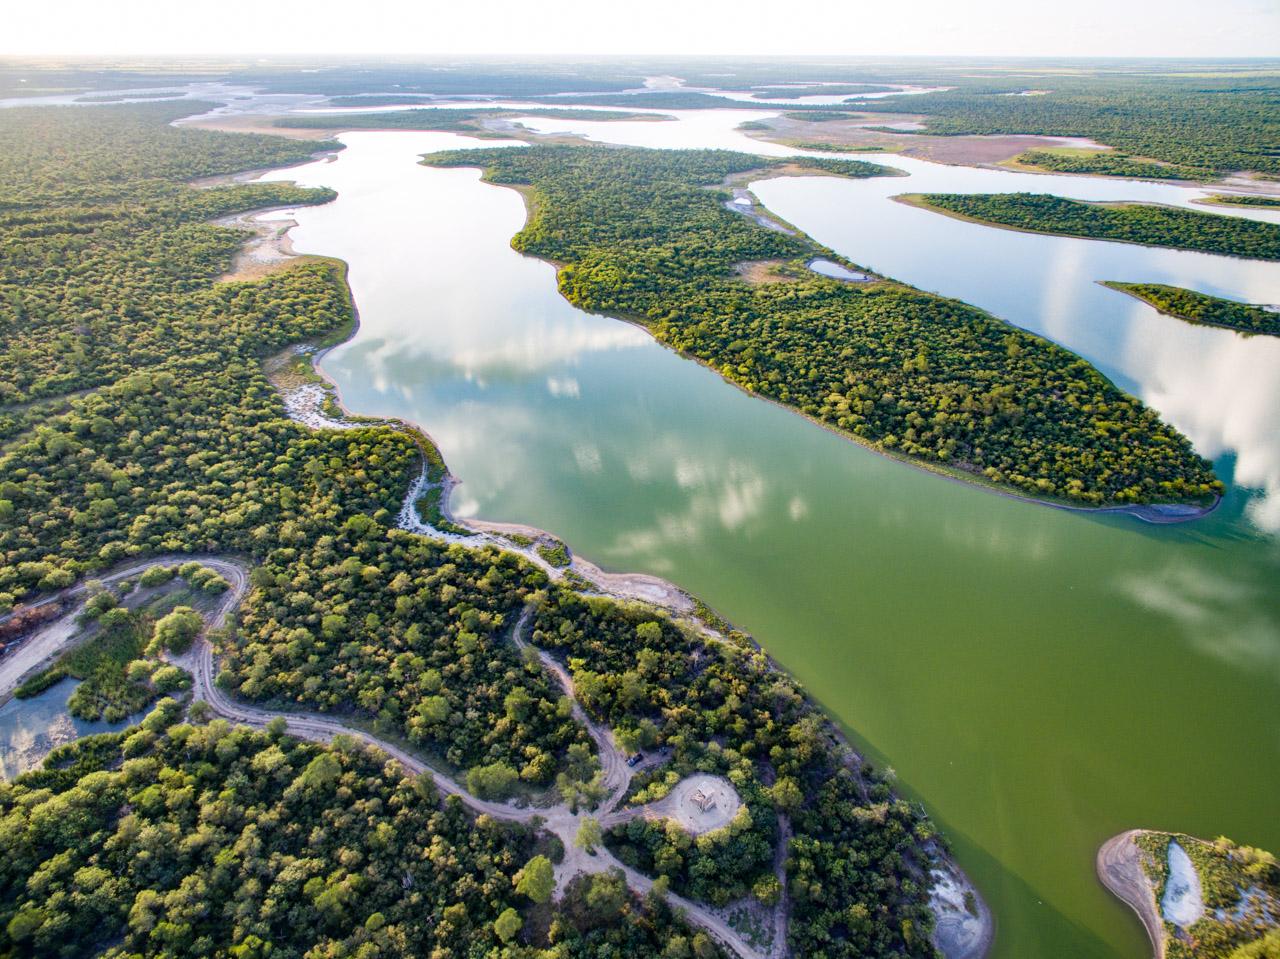 Una vista aérea de Laguna Campo María, donde podemos ver en la parte central inferior, un mirador ideal para la observación de aves. (Tetsu Espósito).